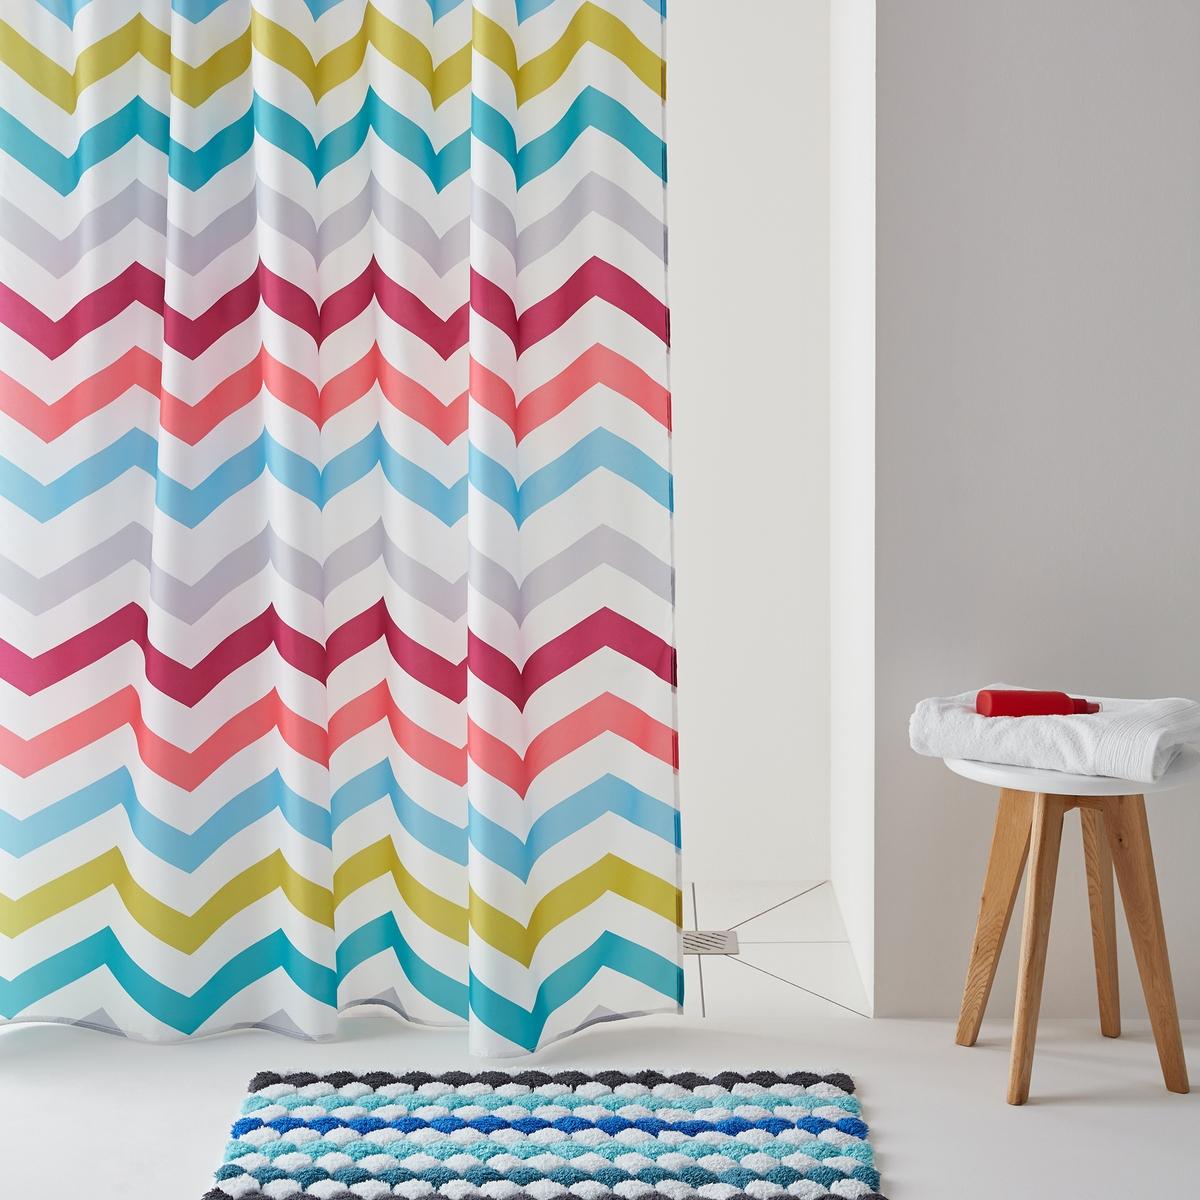 Разноцветная штора для душа с рисунком ZIGZAGРазноцветная штора для душа с рисунком ZIGZAG.Штора для душа сверкающей расцветки с бодрящим графичным рисунком! Можно комбинировать с ковриком для ванны, представленным на сайте.  Характеристикишторы:Материал:  100% полиэстер.Утяжеленный низ для лучшего натяжения.С люверсами.Уход:Машинная стирка при 40°С.Размеры шторы:180 x 200 см.<br><br>Цвет: бирюзовый/ зеленый анис,синий/ зеленый